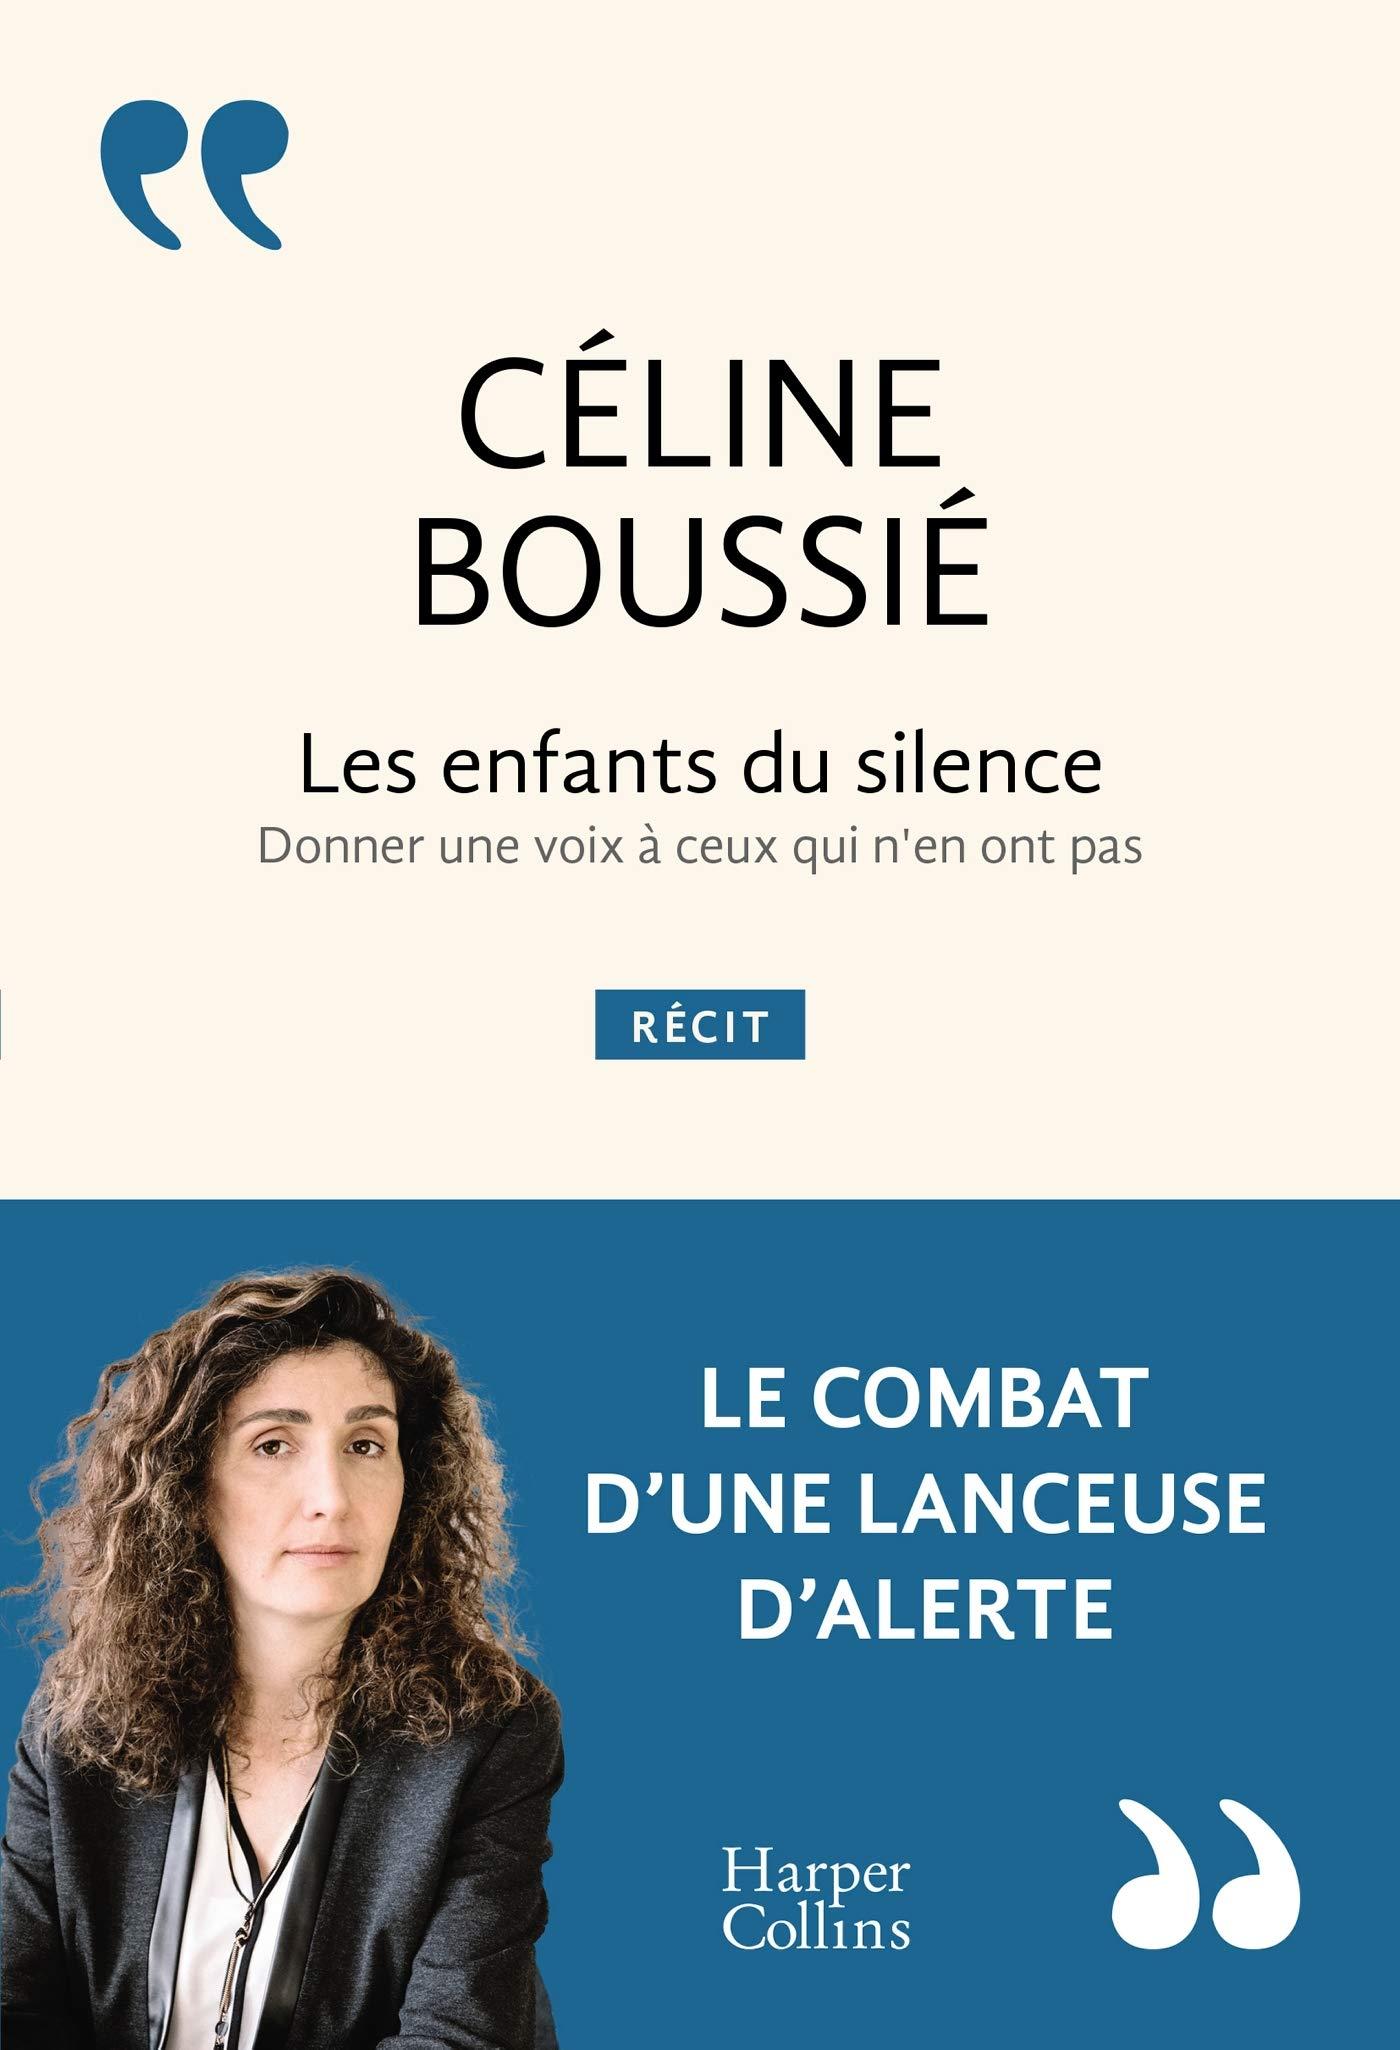 Couverture livre les enfants du silence par Céline Boussié